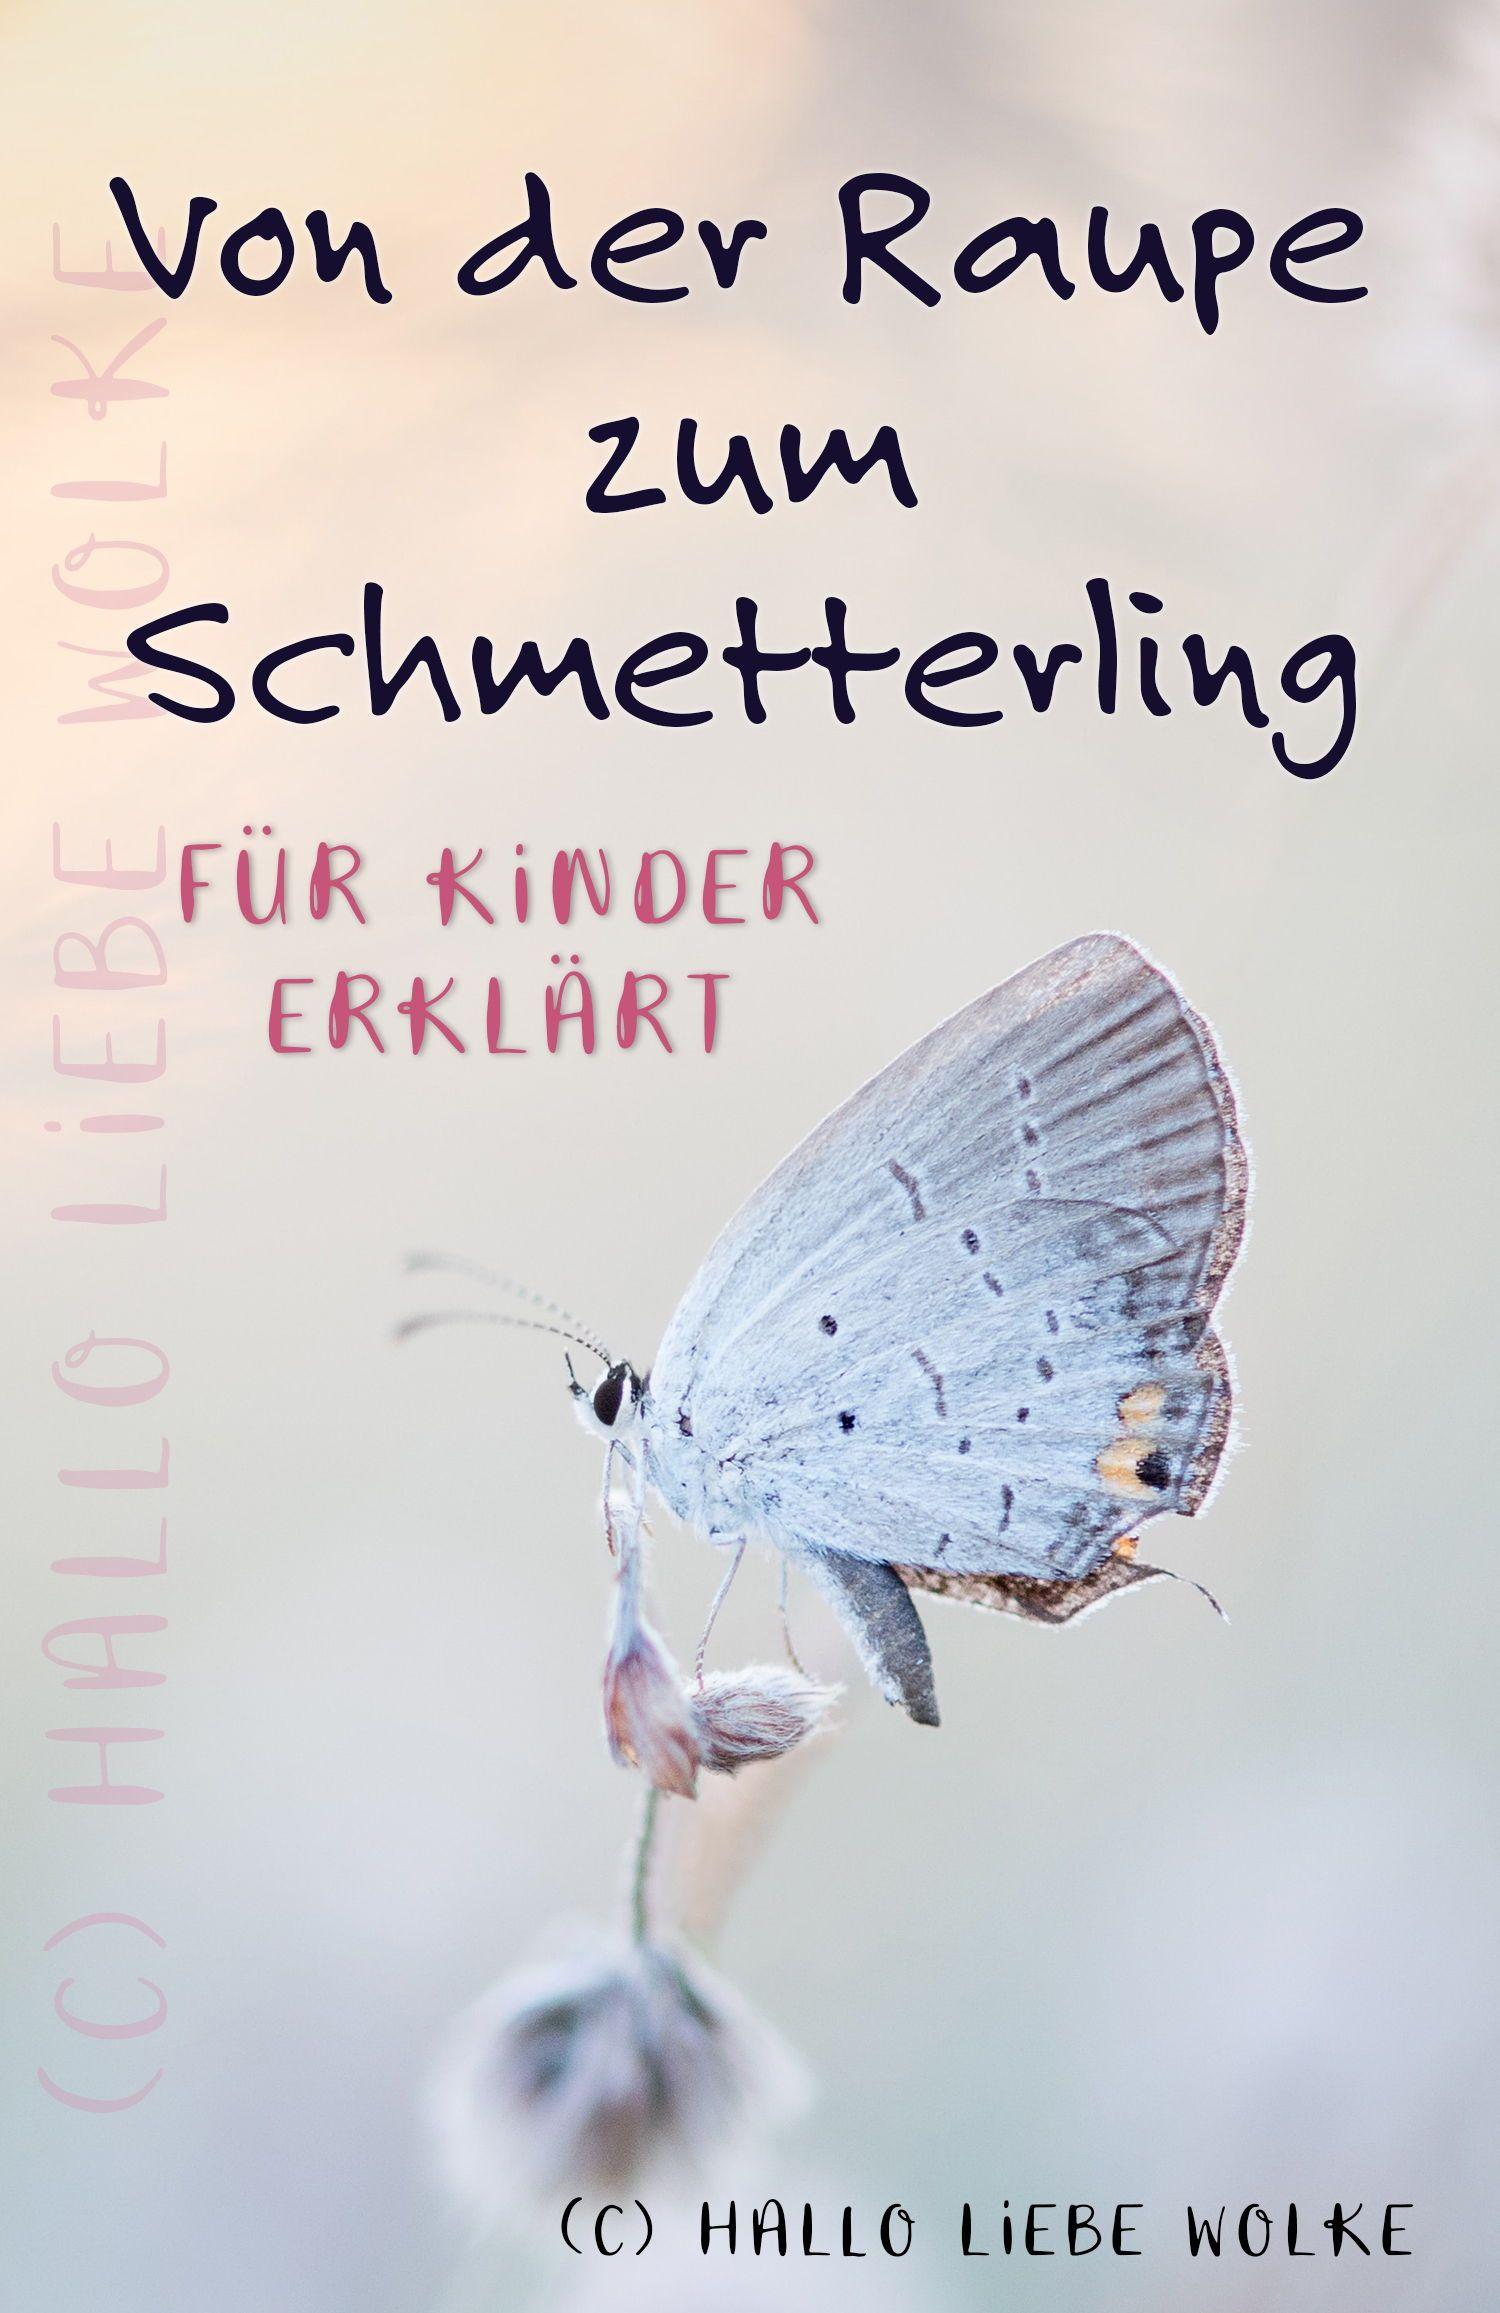 Von der Raupe zum Schmetterling. Eine Geschichte für Kinder.